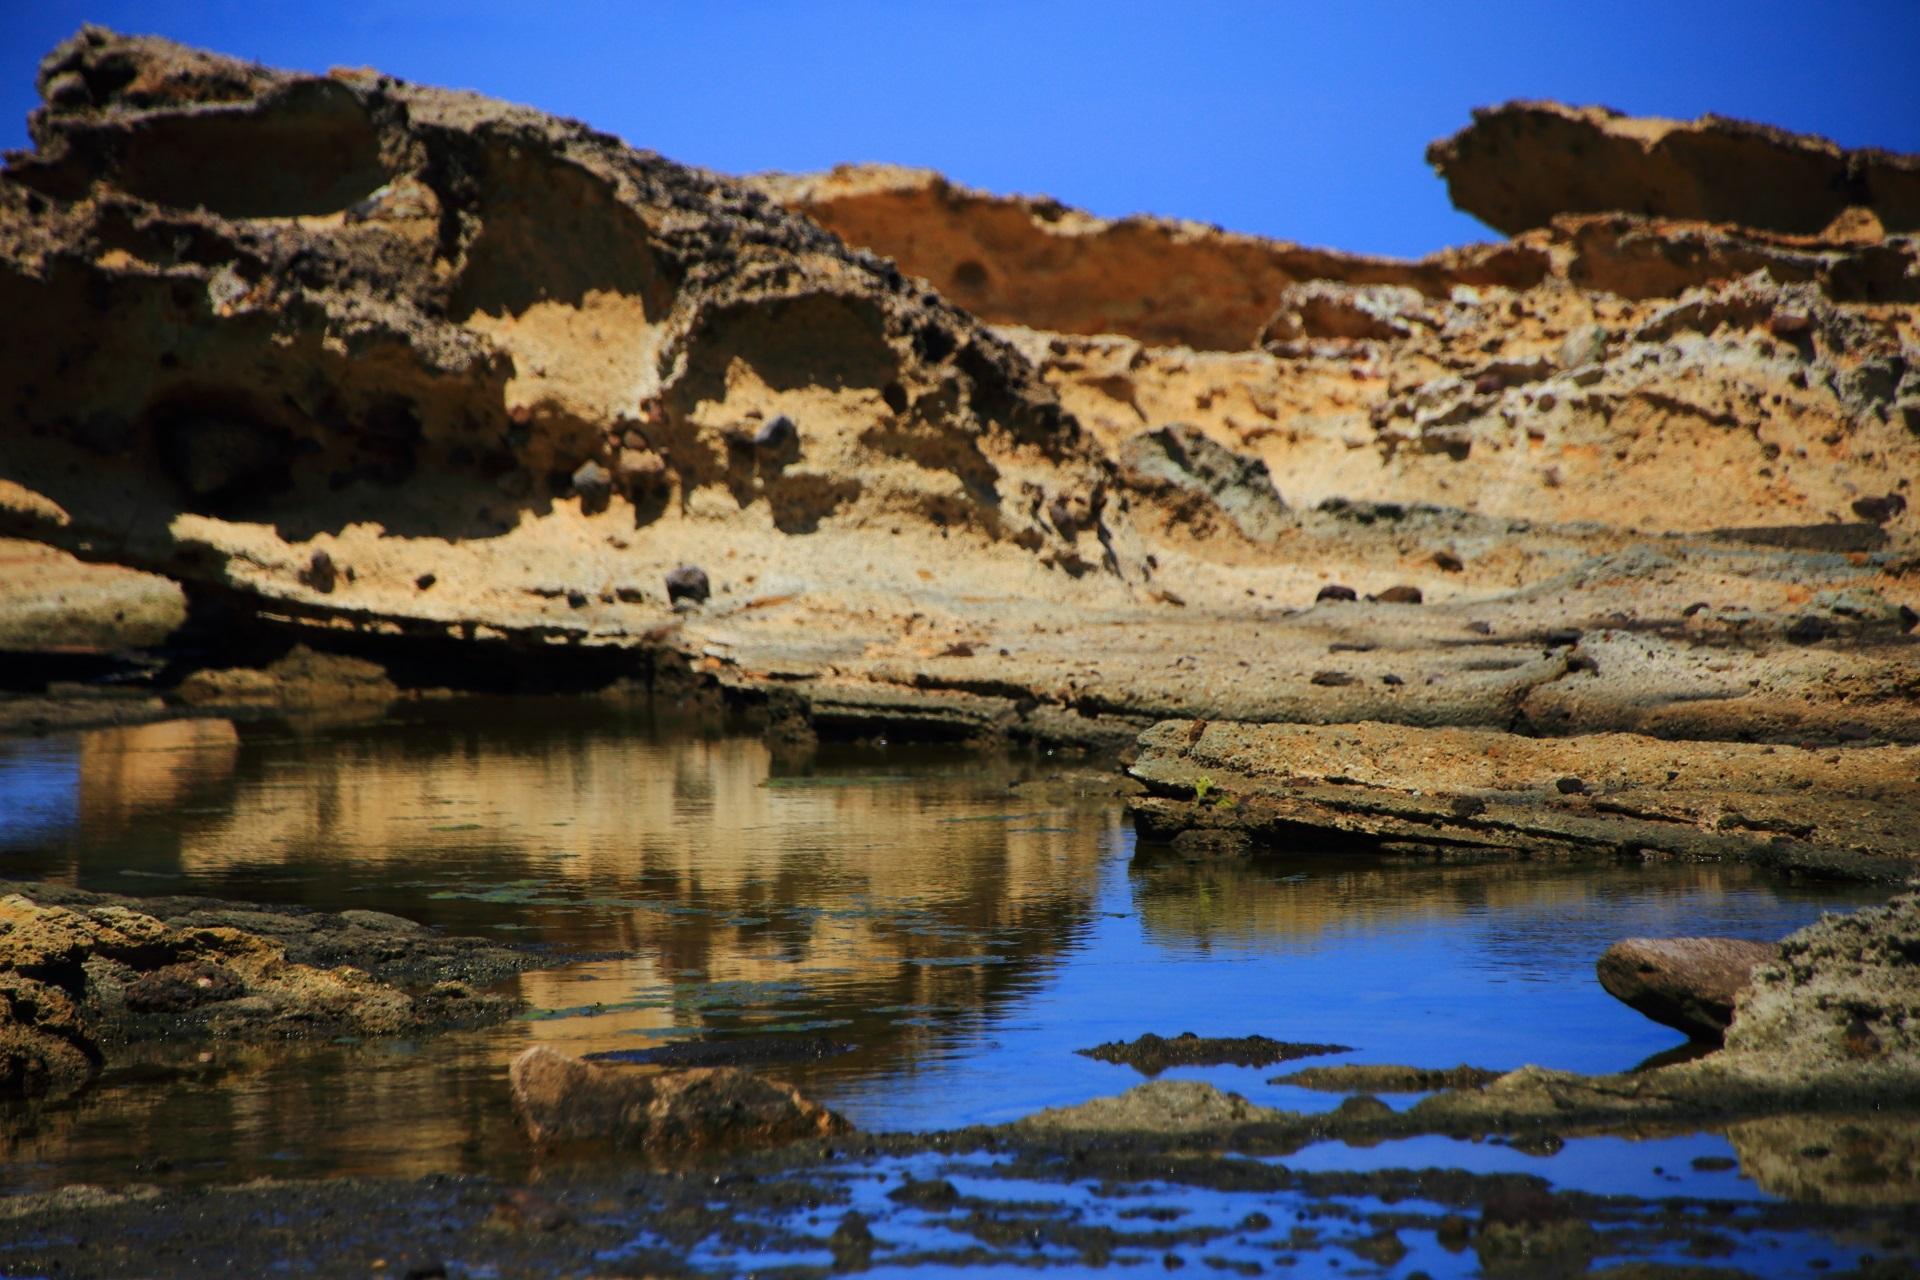 岩と空のはっきり映しだされた五色浜の素晴らしい水鏡